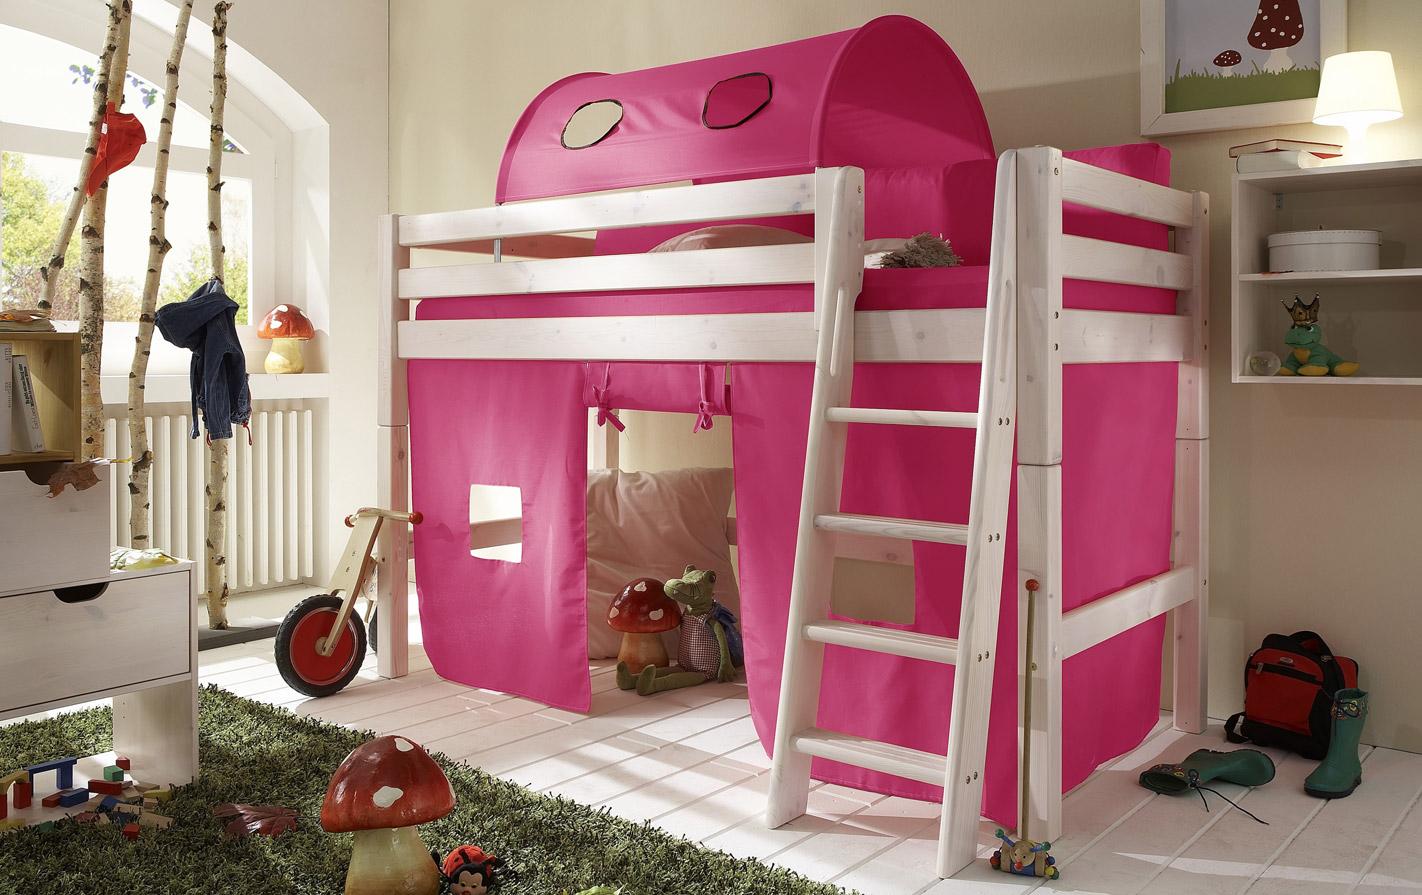 Pinker Spielvorhang Mini-Hochbett in unifarben